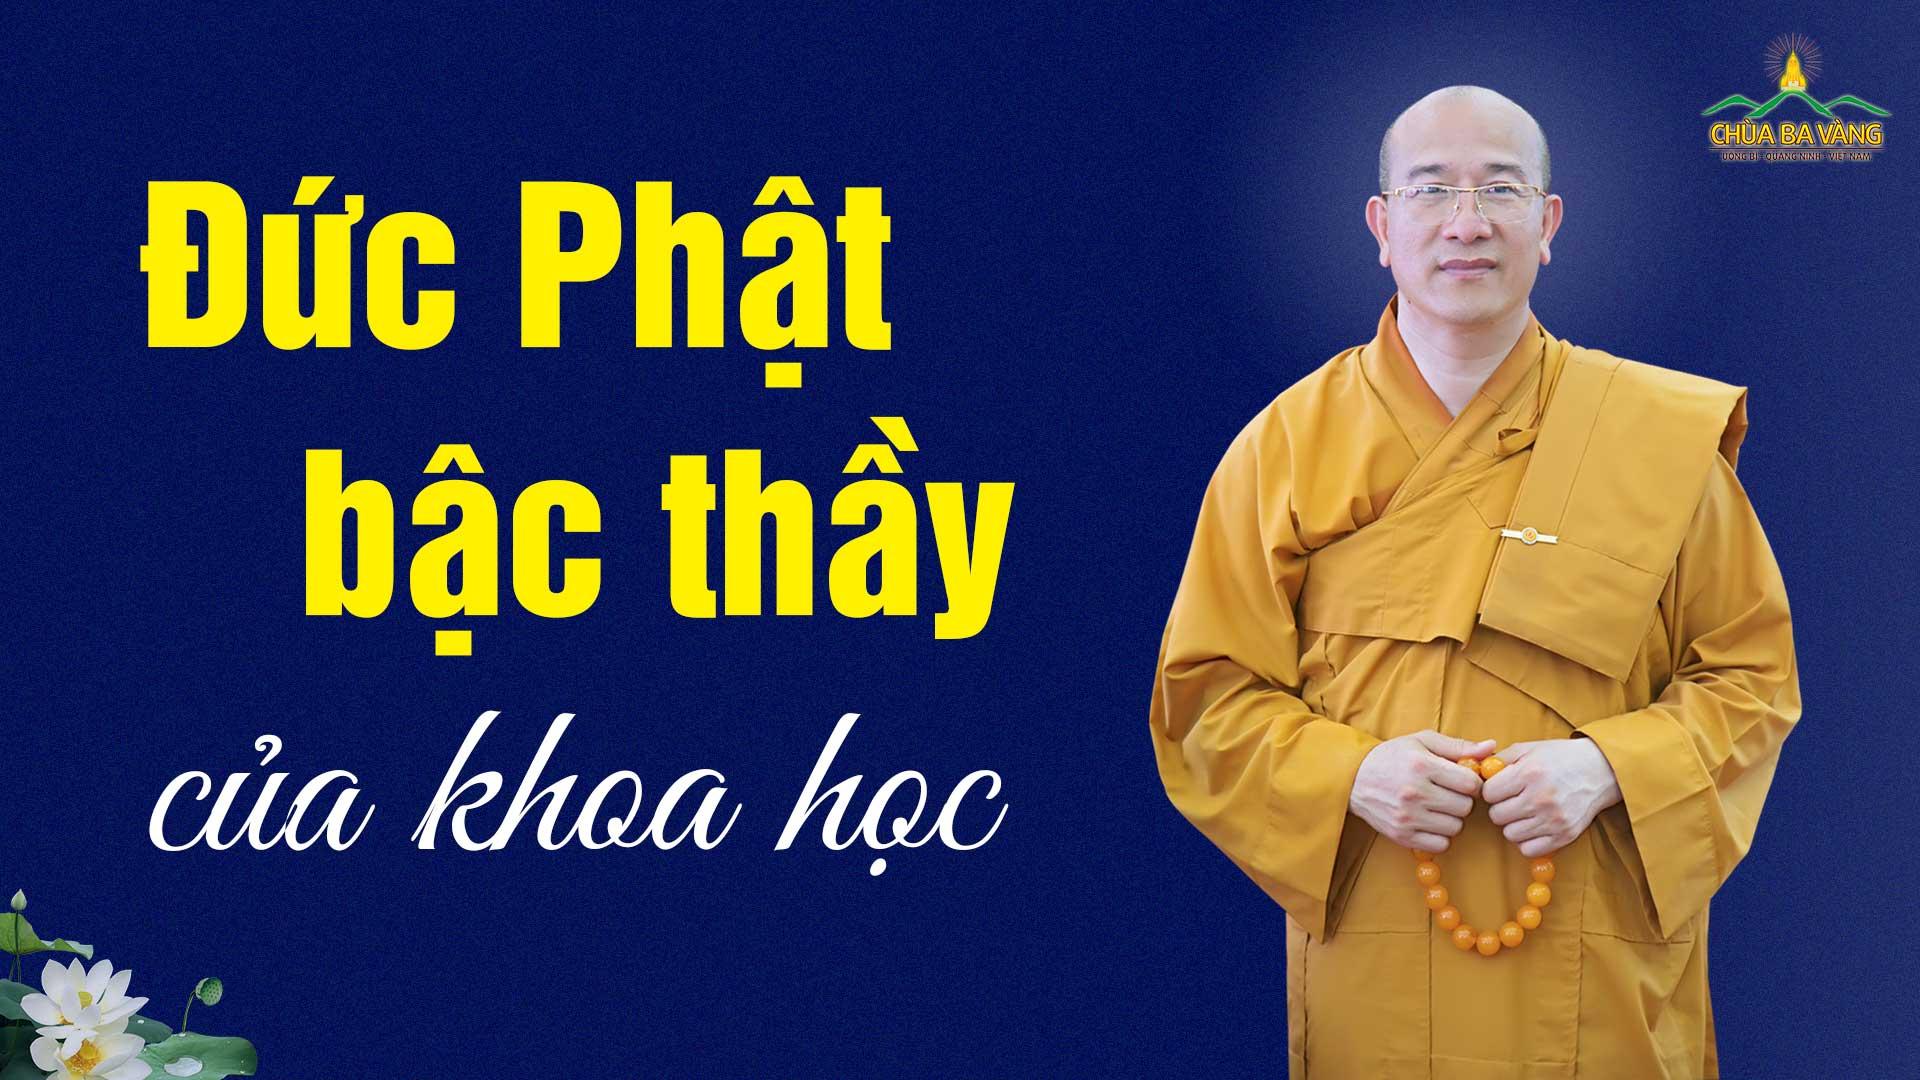 Đức Phật là bậc thầy của các nhà khoa học